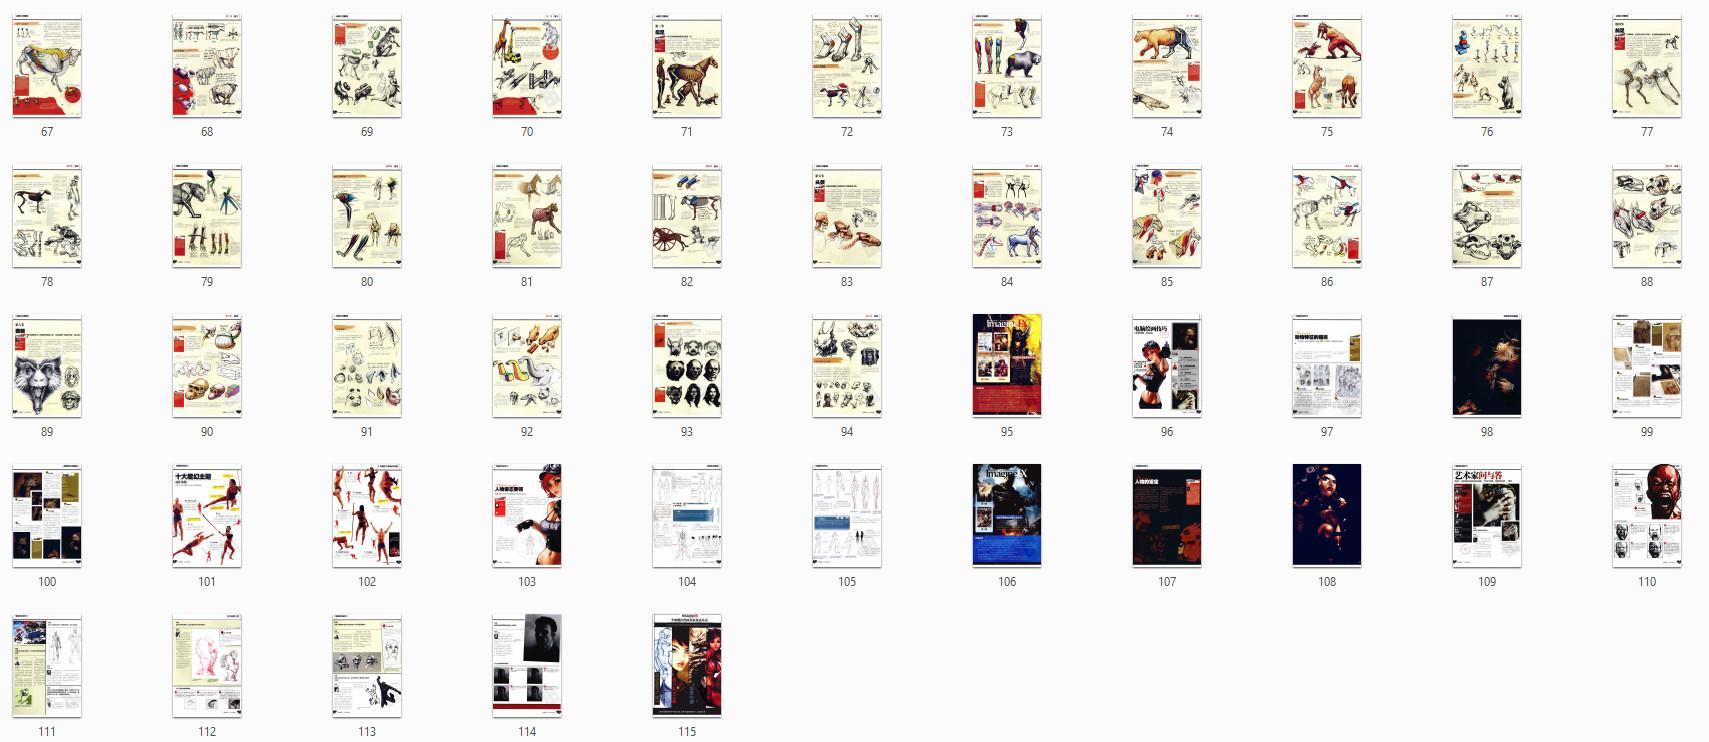 原画绘画教程-全球数位绘画名家技法丛书 人体与动物结构 PDF下载(5)